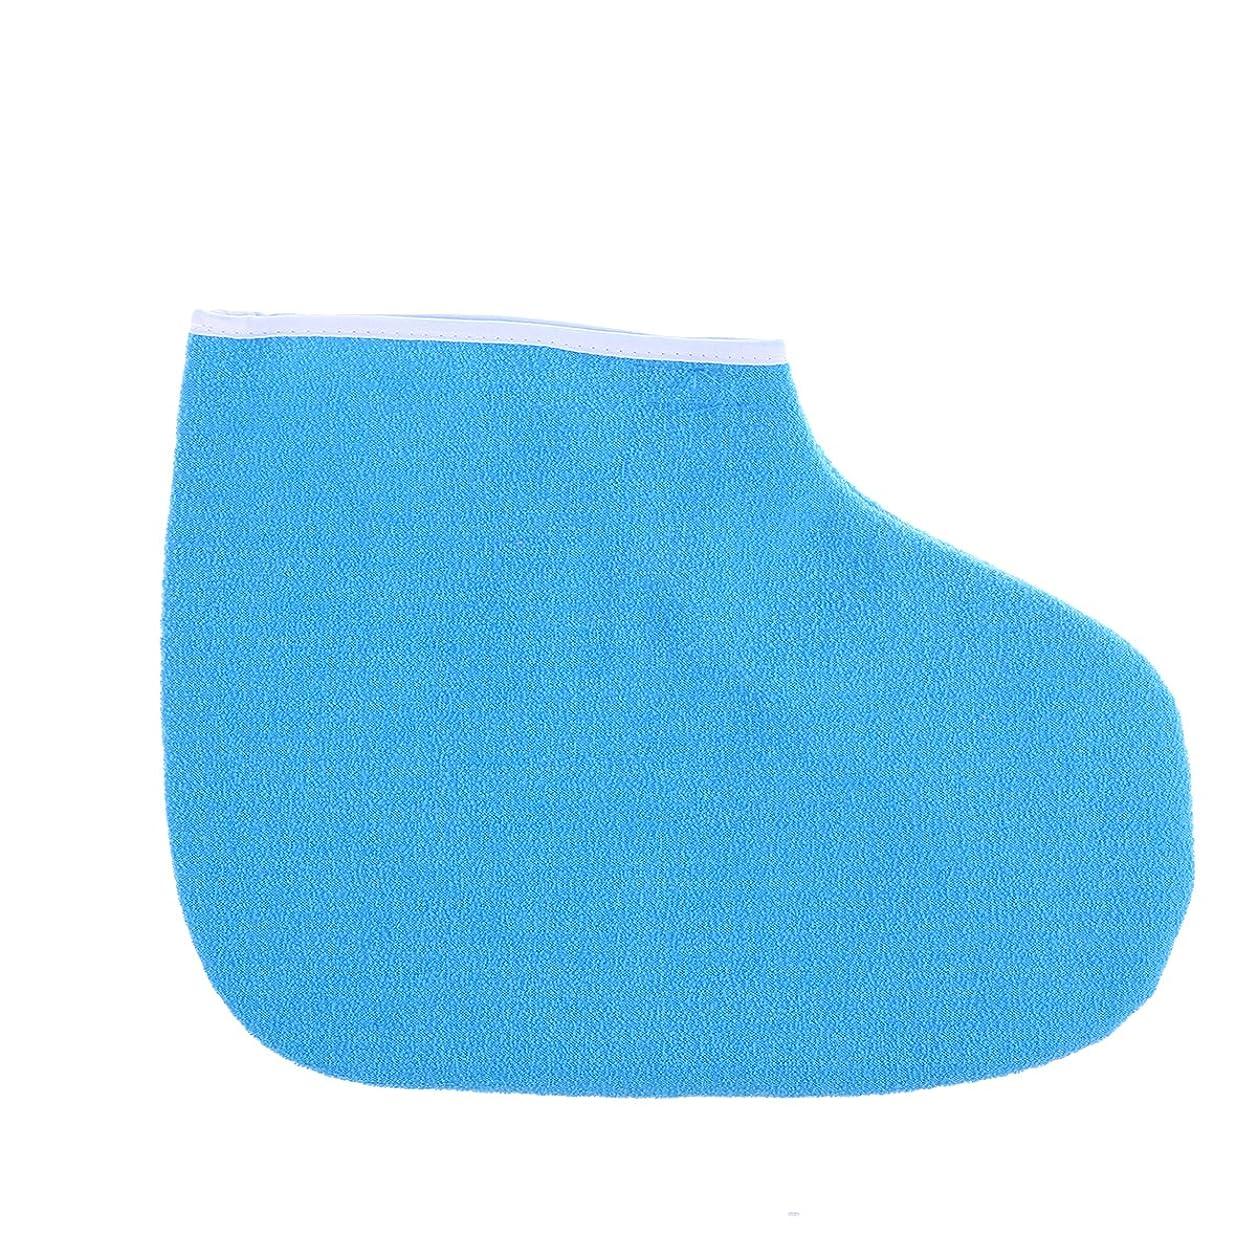 ハイキング恵み悪化するHealifty パラフィンワックスブーティーマニキュアペディキュアトリートメントブーツ(ブルー)